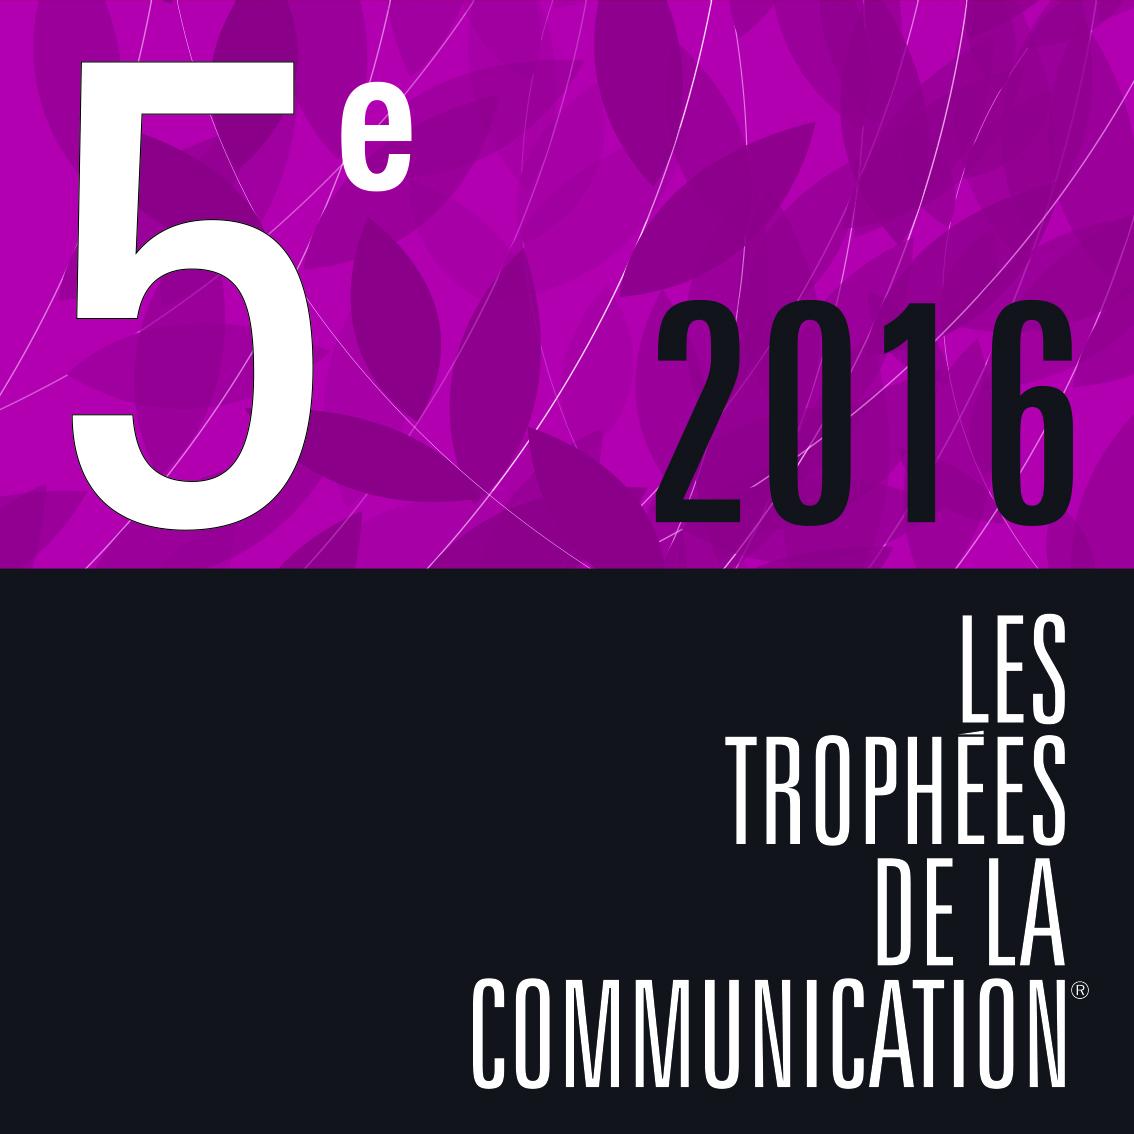 Visuel de la 5e place 2016 des trophées de la communication